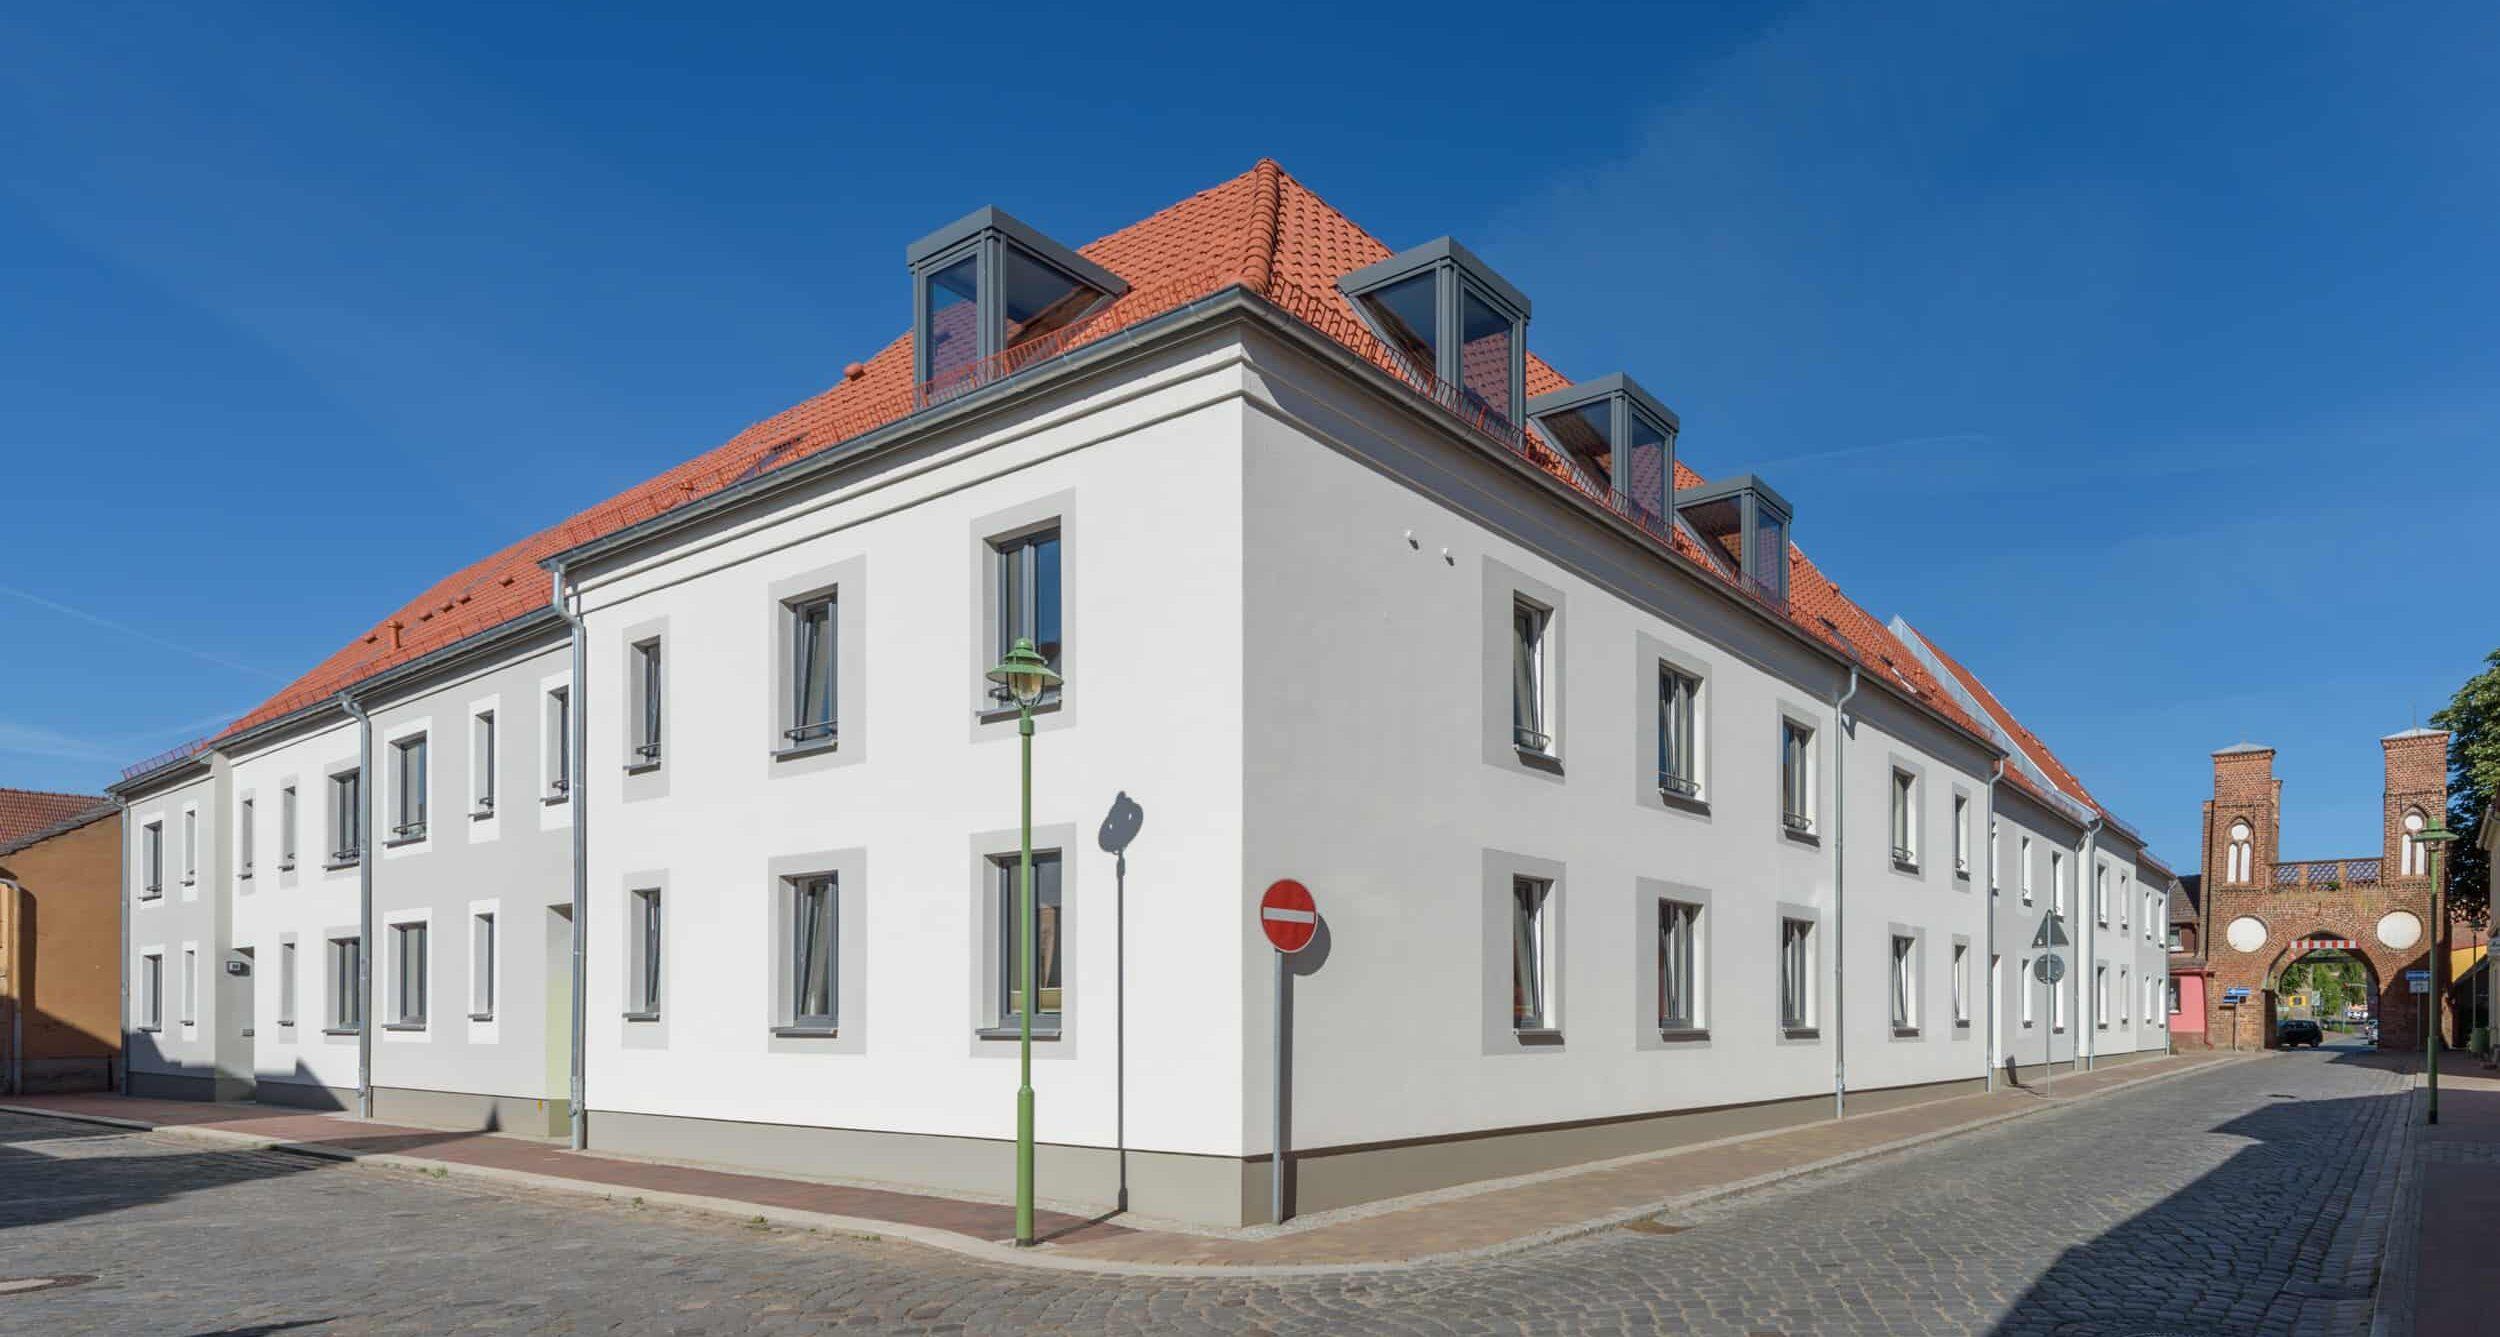 Quartier Demminer Tor Altentreptow